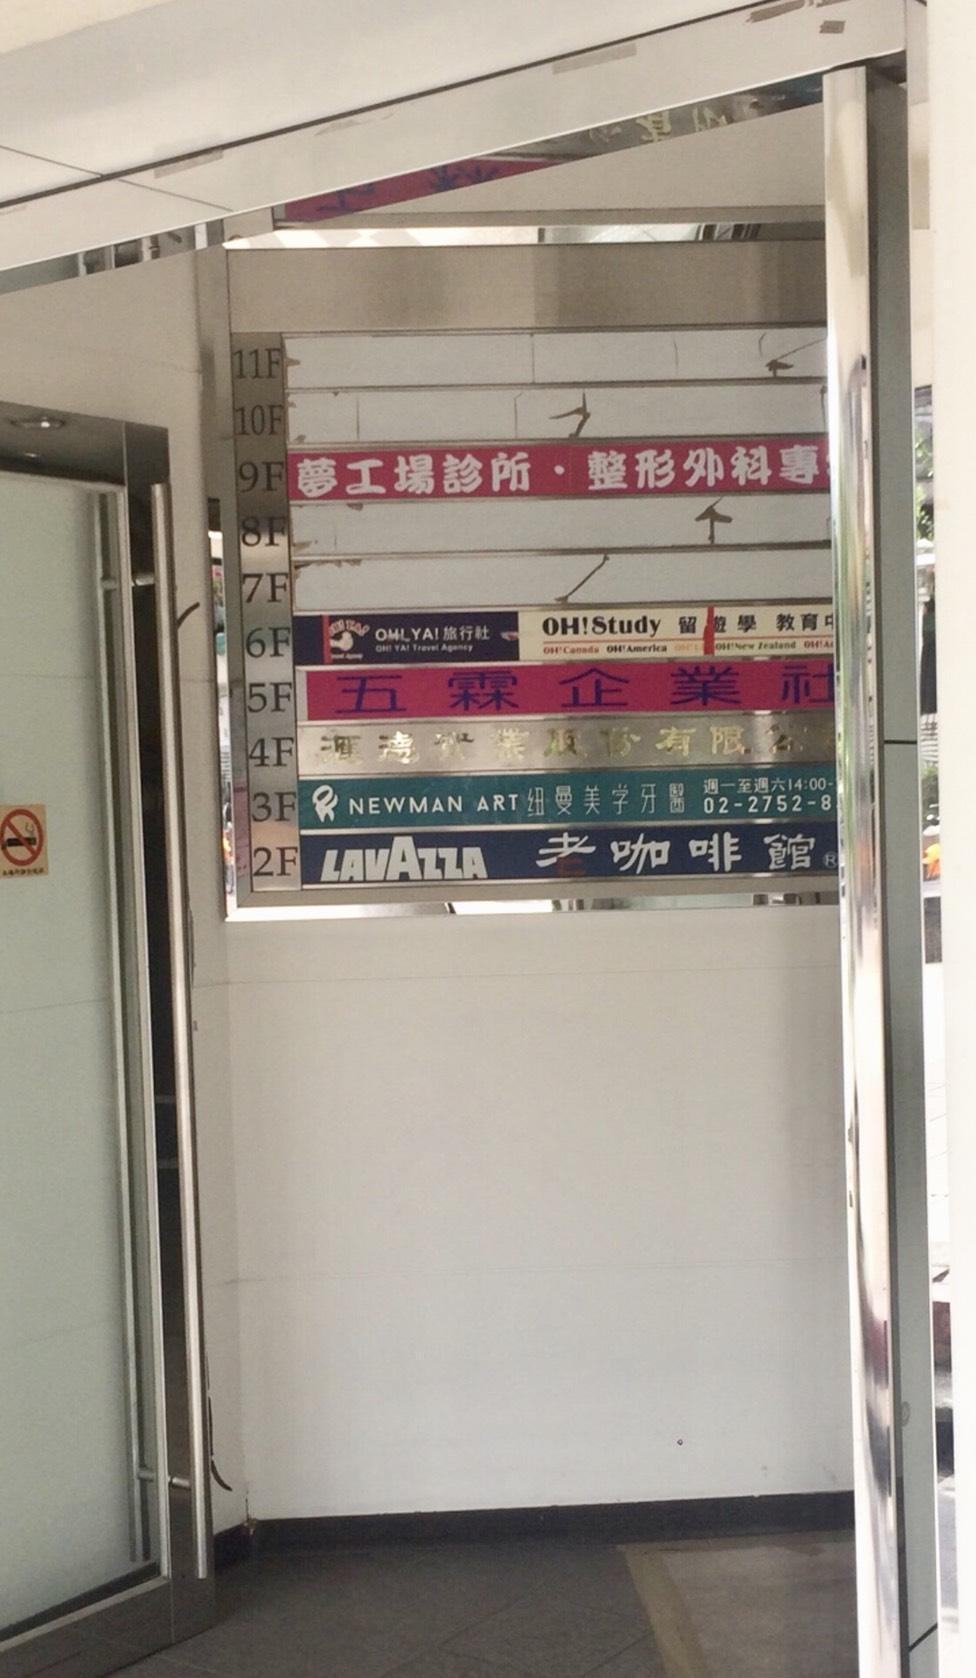 位於台北市安樂大廈5樓的「五霖企業社」被查出是地下診所。(讀者提供)